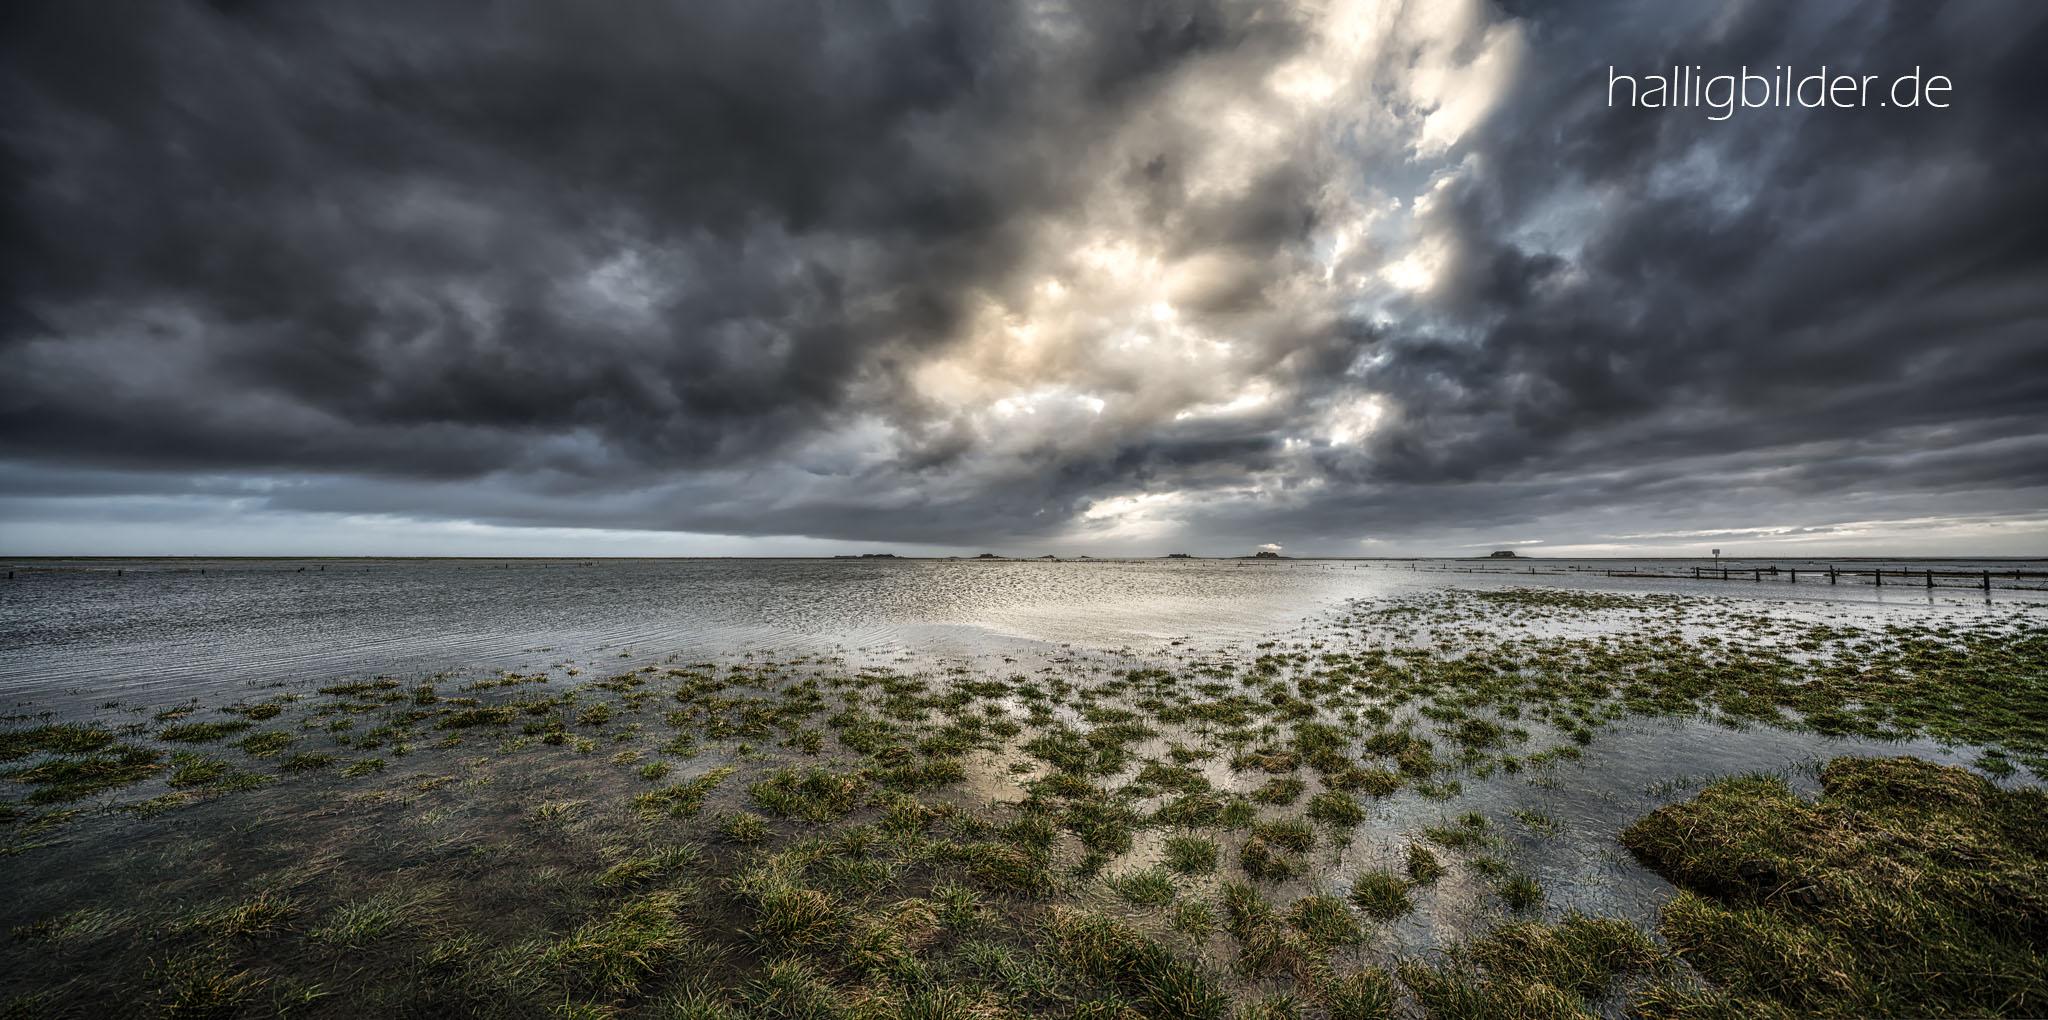 FEBRUAR 2019: morgens nach einem nächtlichen Landunter, das Meer gibt das Halligland wieder frei